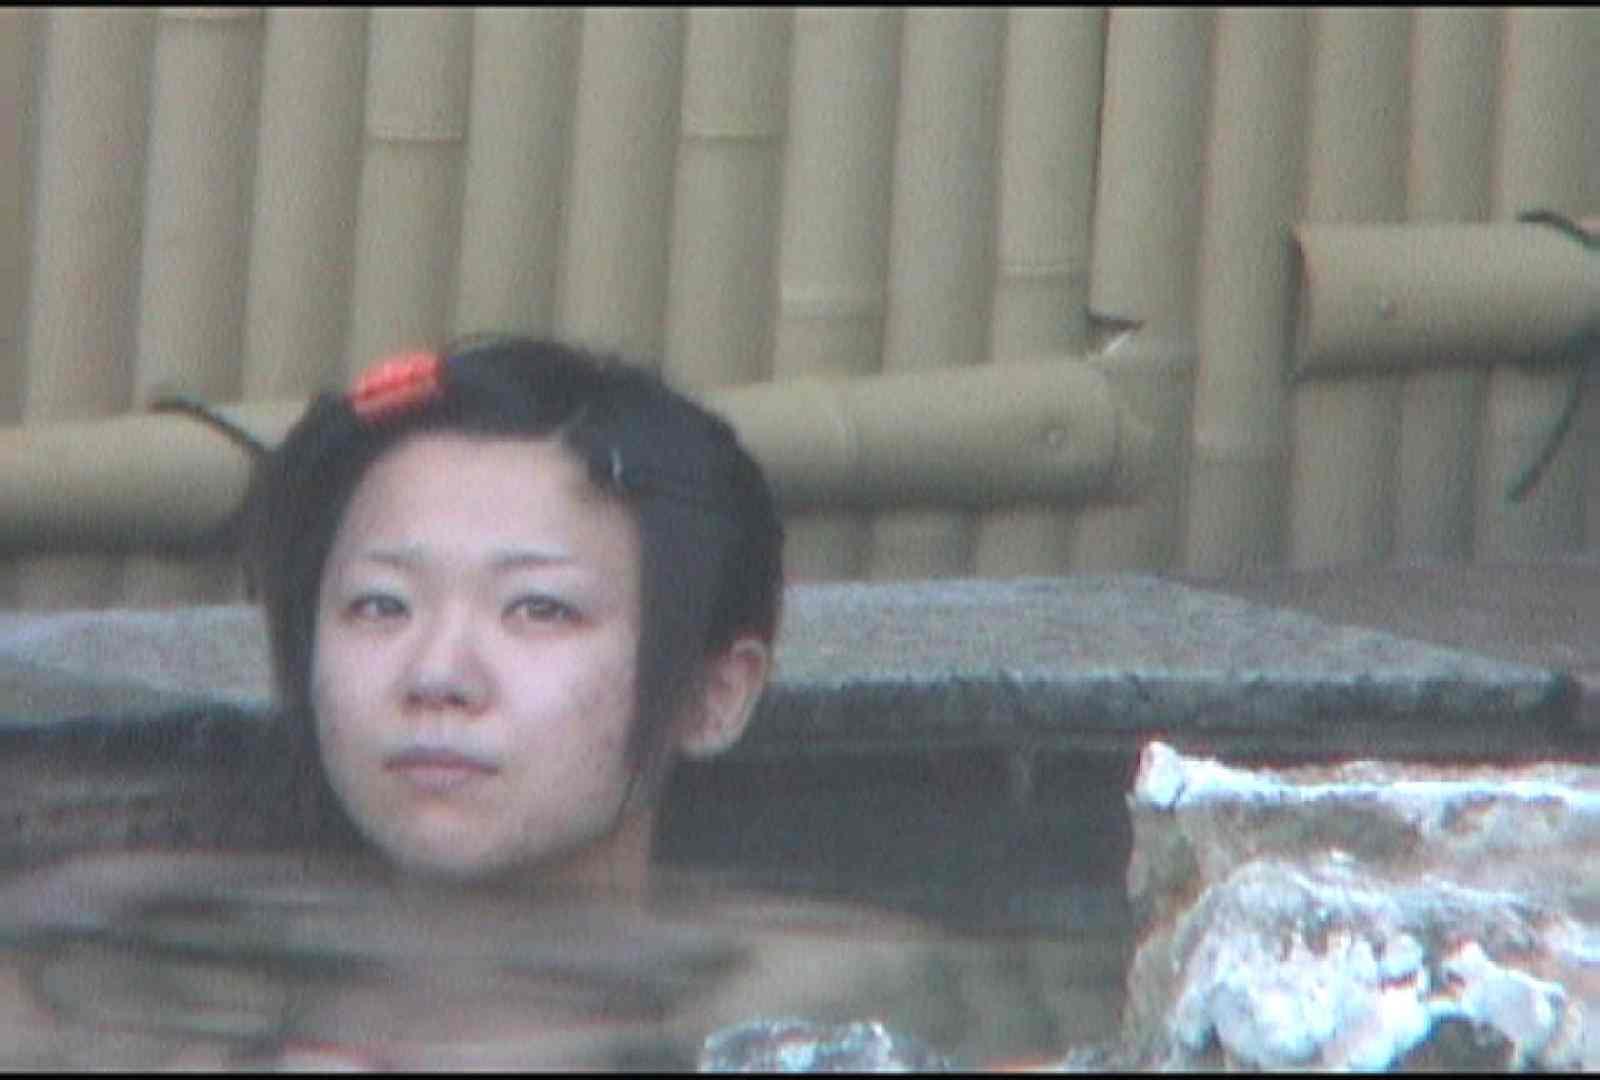 Aquaな露天風呂Vol.175 OLのエロ生活  71連発 36